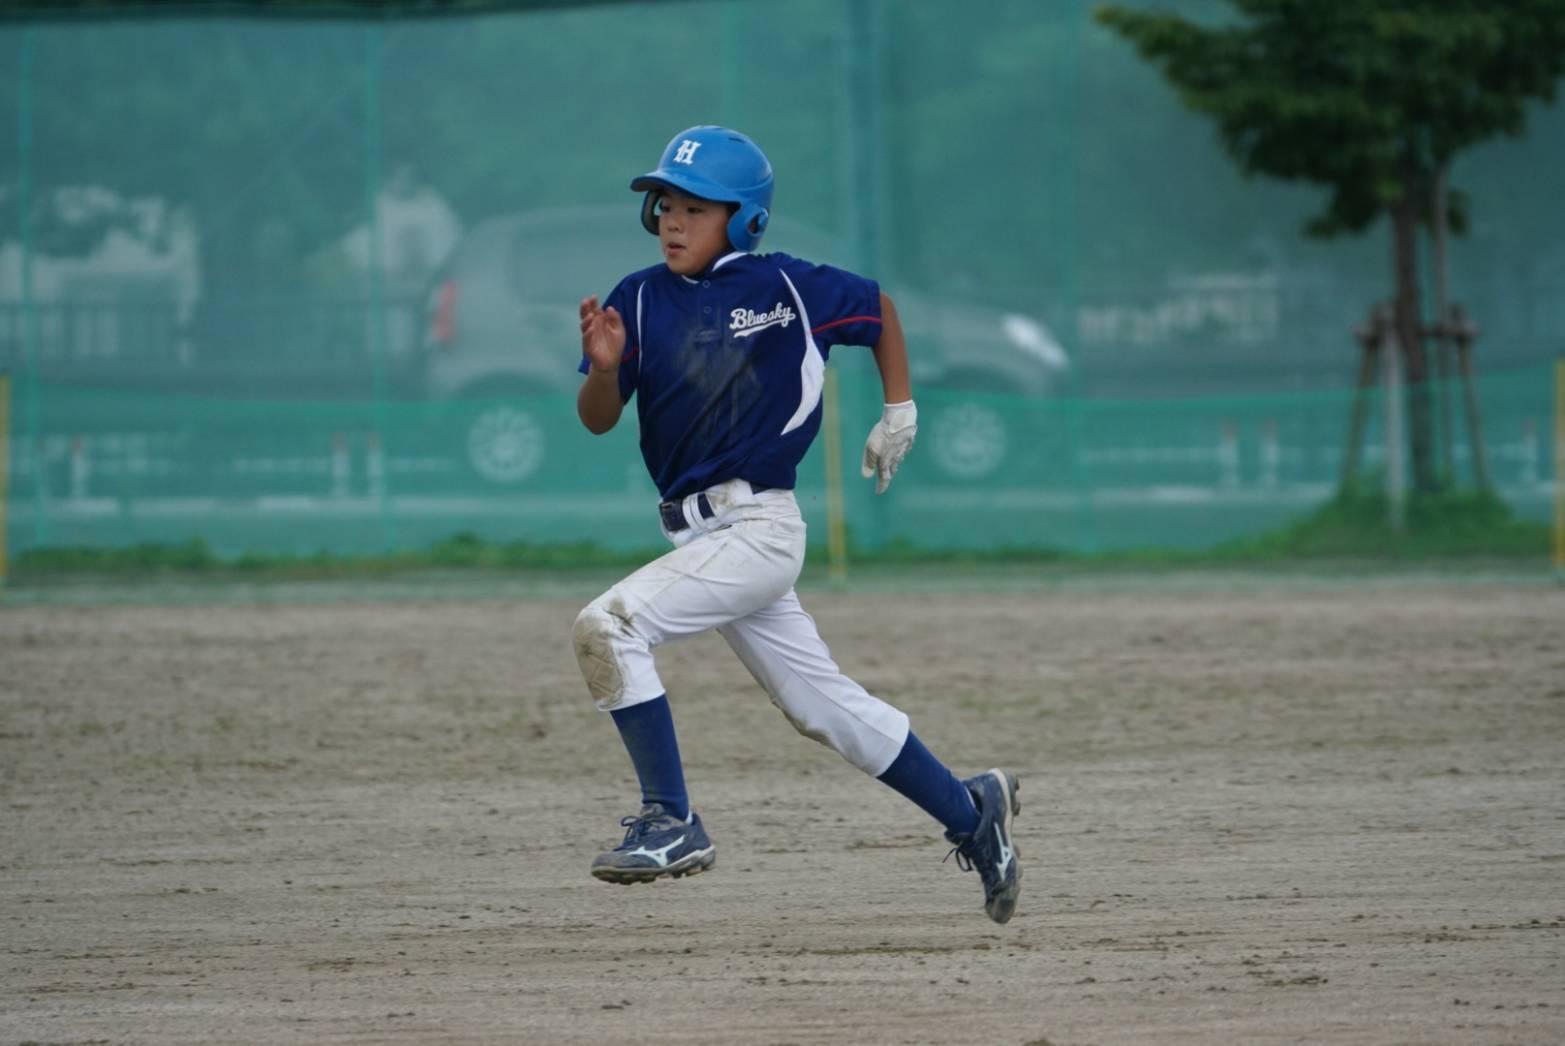 6月29日練習試合結果です!vs信江スポーツ少年団さん_b0095176_08361960.jpeg